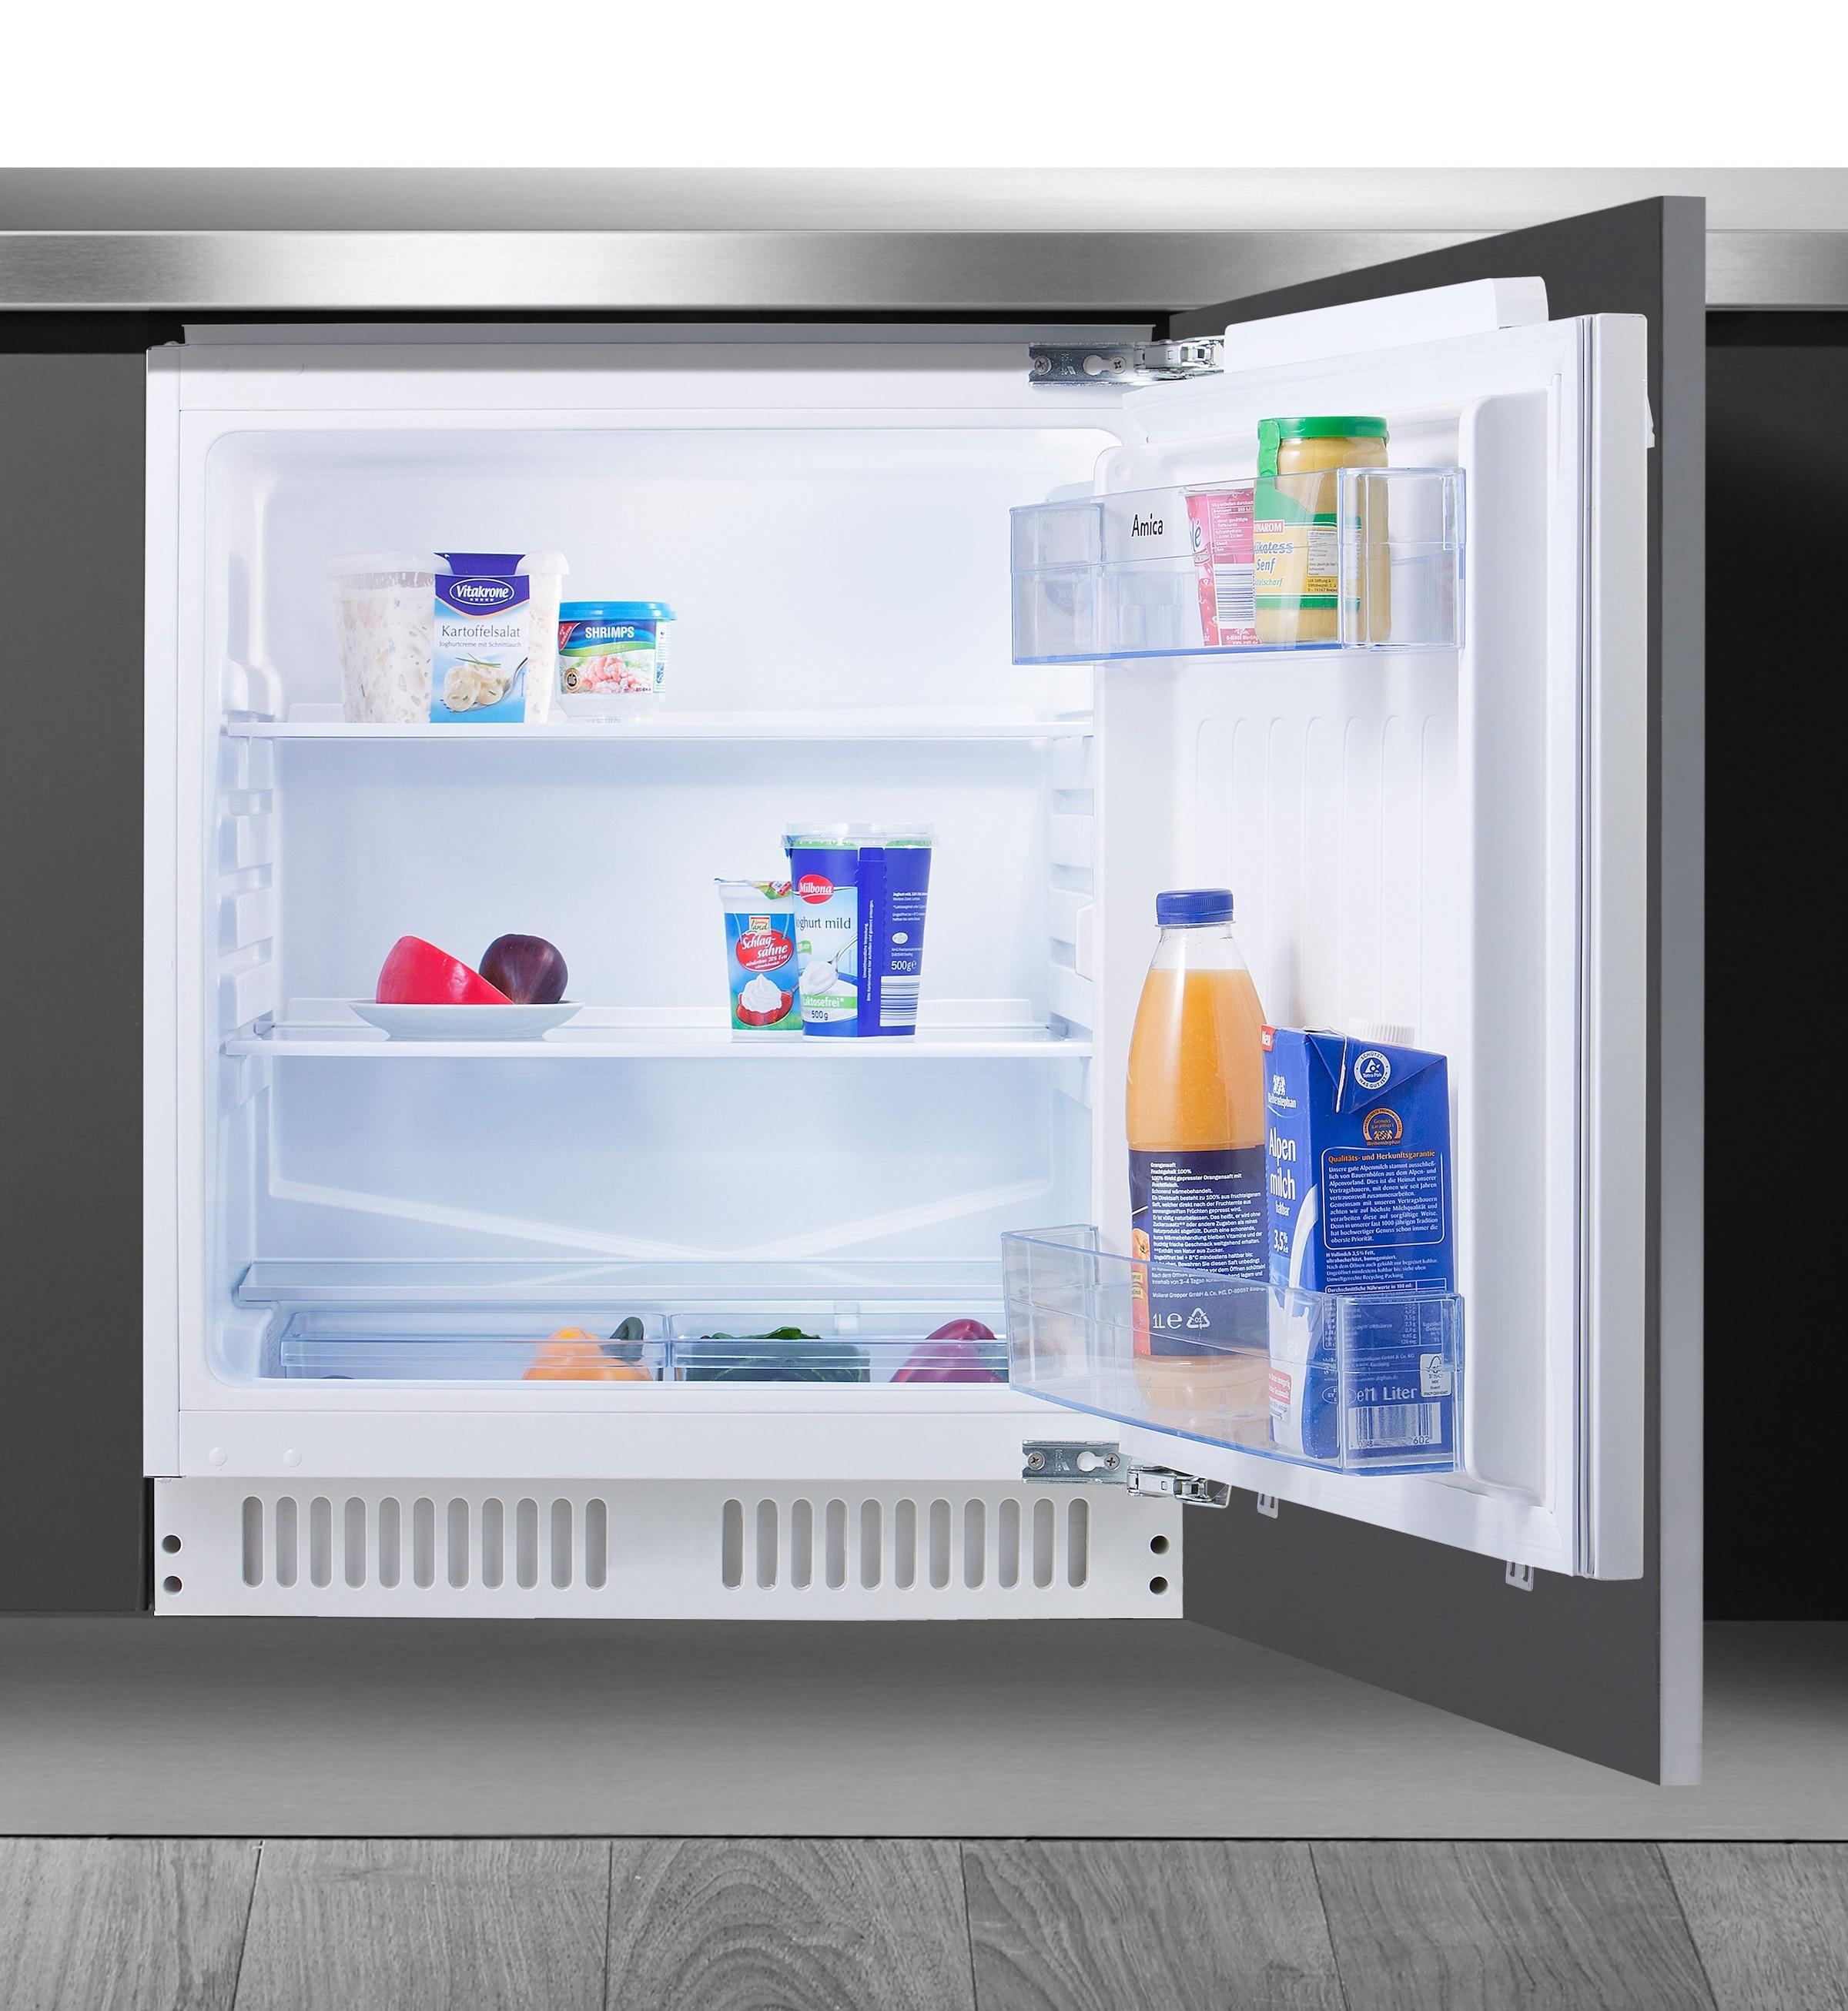 Amica Kühlschrank Mit Gefrierfach : Einbaukühlschränke ohne gefrierfach auf rechnung raten kaufen baur